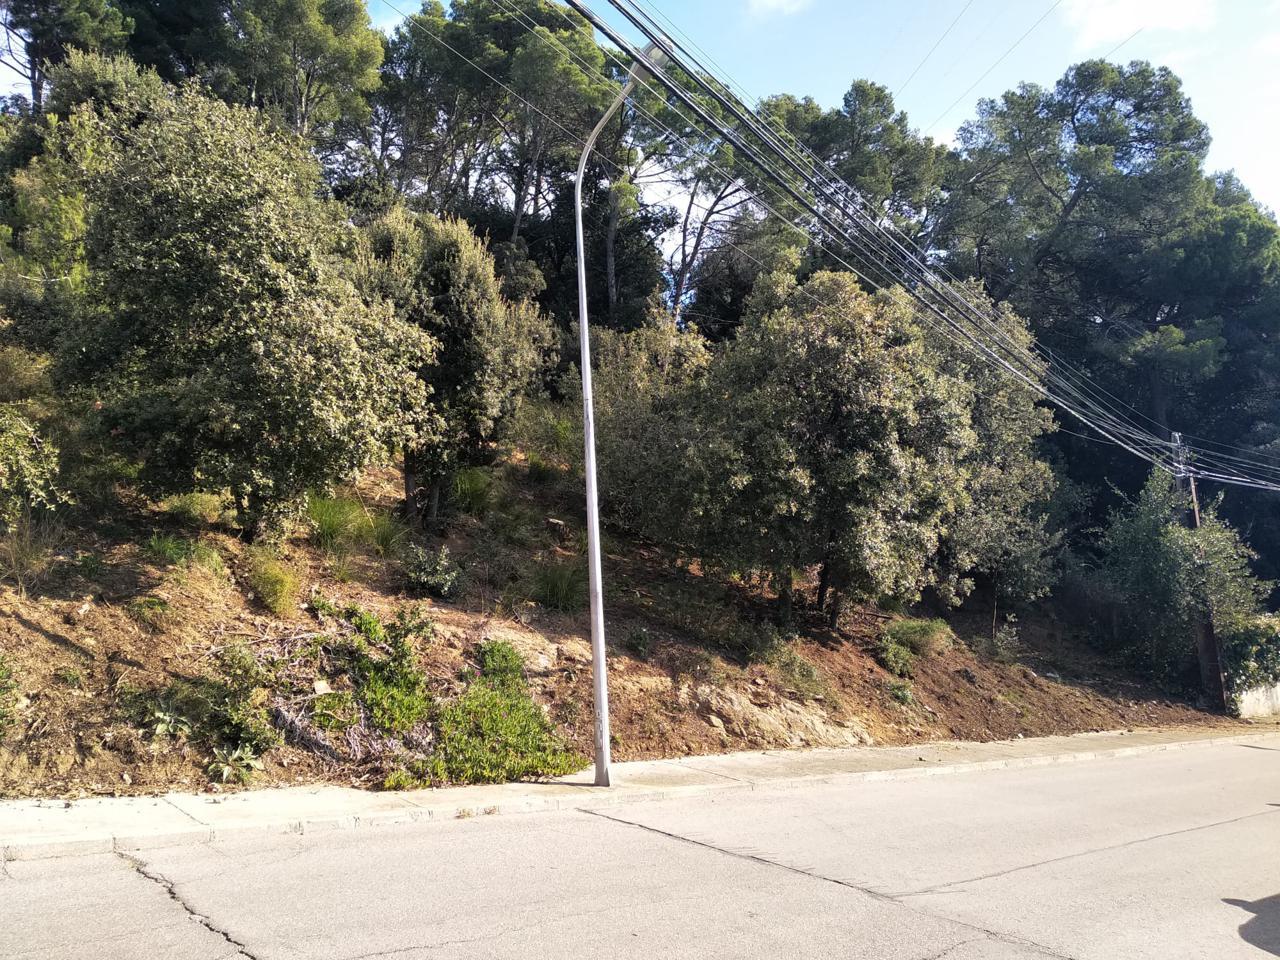 terreno en l'ametlla-del-valles · carretera-de-sant-bartomeu-08480 67260€